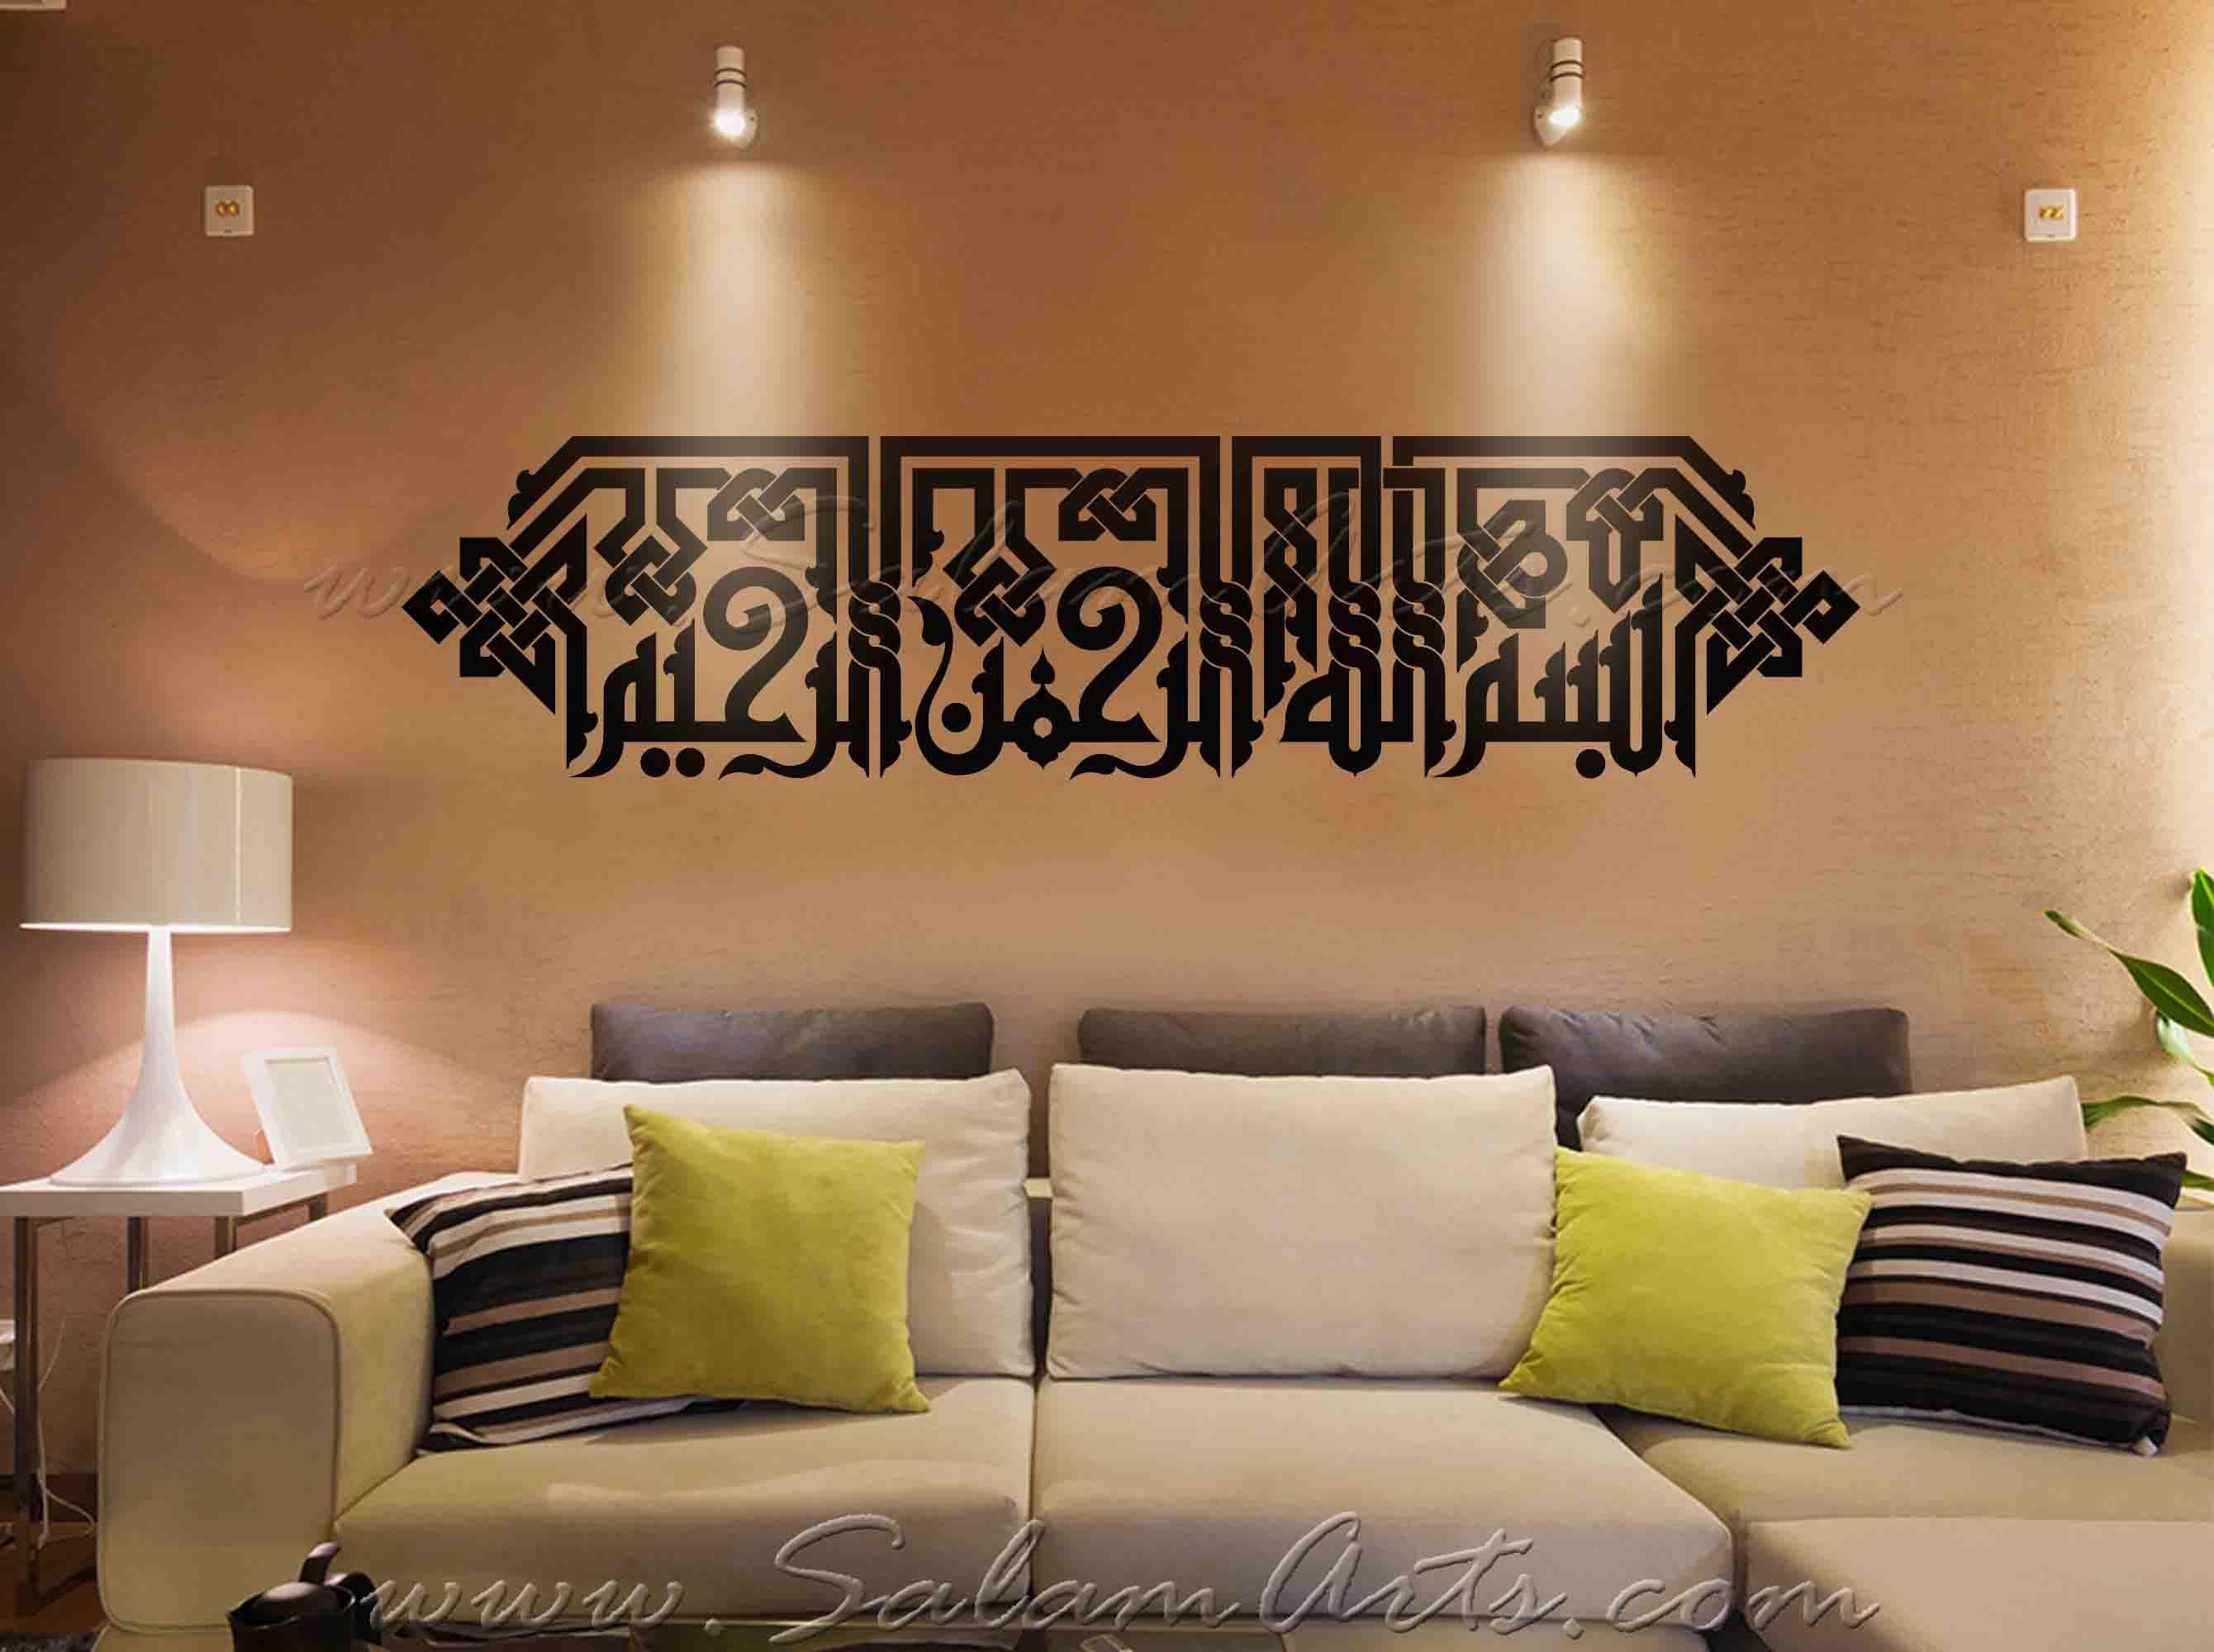 Bismillahir Rahmanir Rahim Islamic Calligraphy